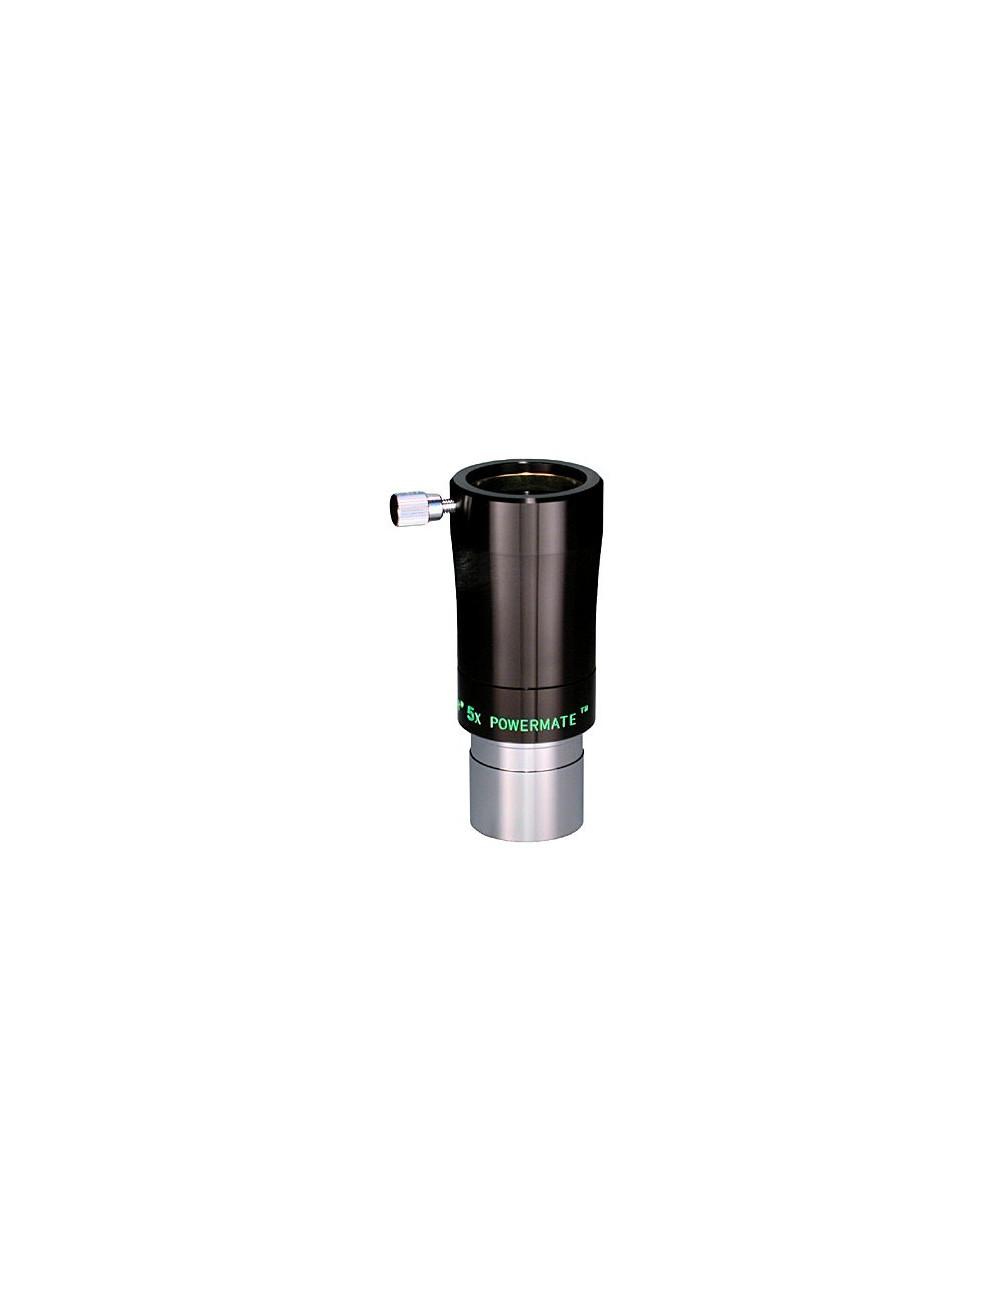 Lentille de Barlow Tele Vue Powermate 5x - Ø 31,75 mm